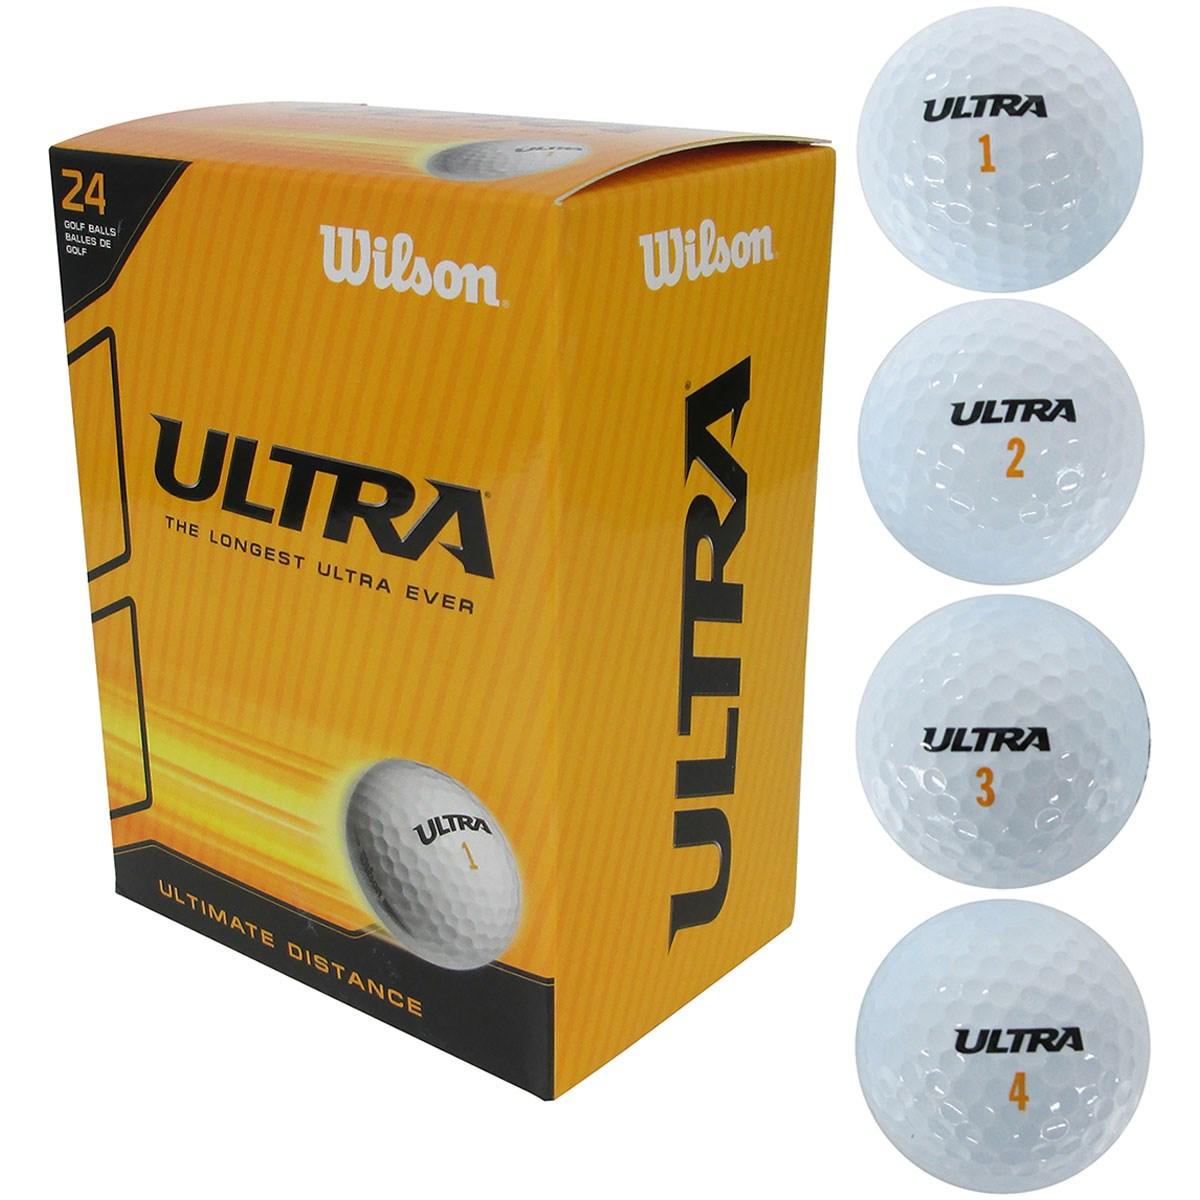 ウイルソン Wilson ULTRA ゴルフボール 24個入り 24個入り ホワイト